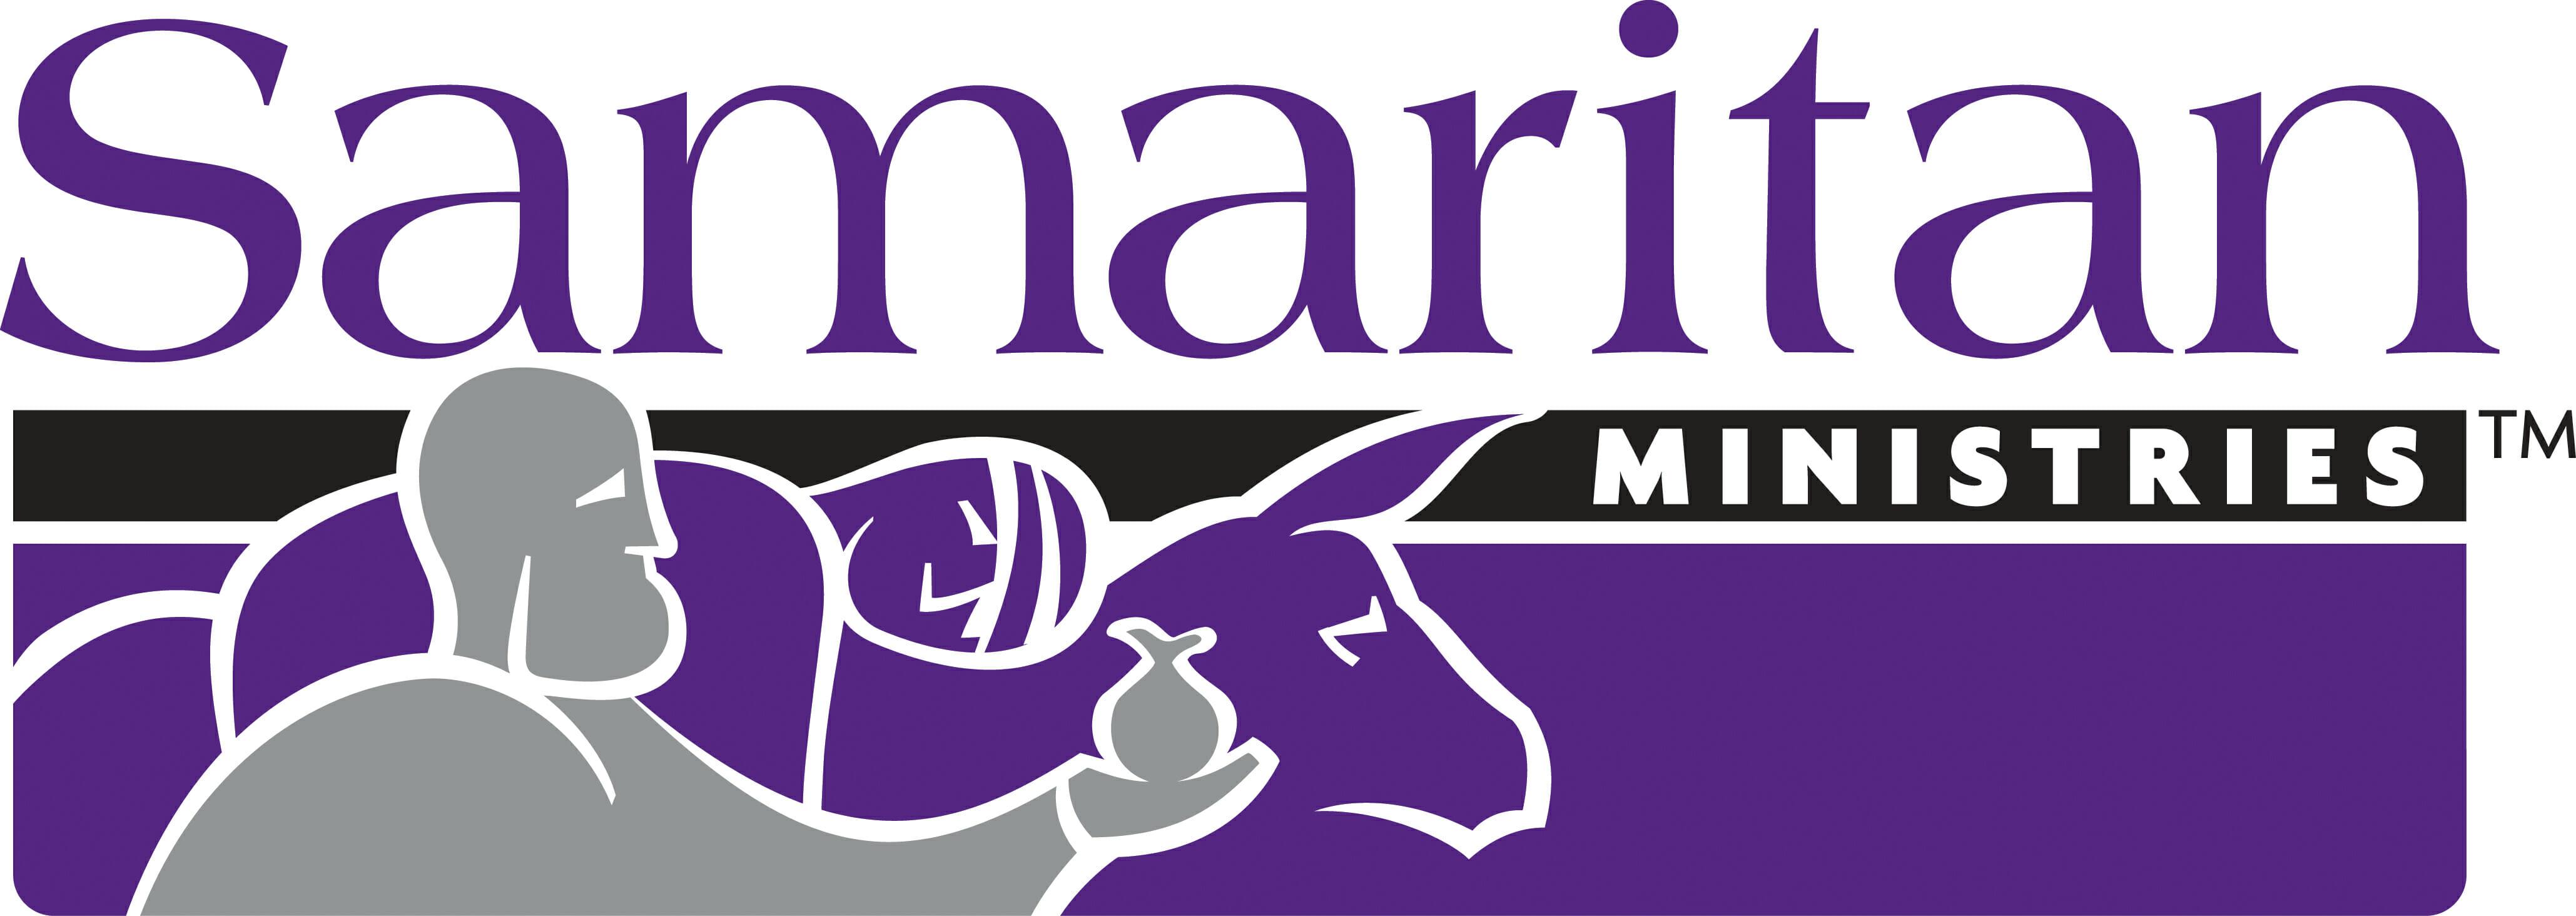 Samaritan Ministries logo